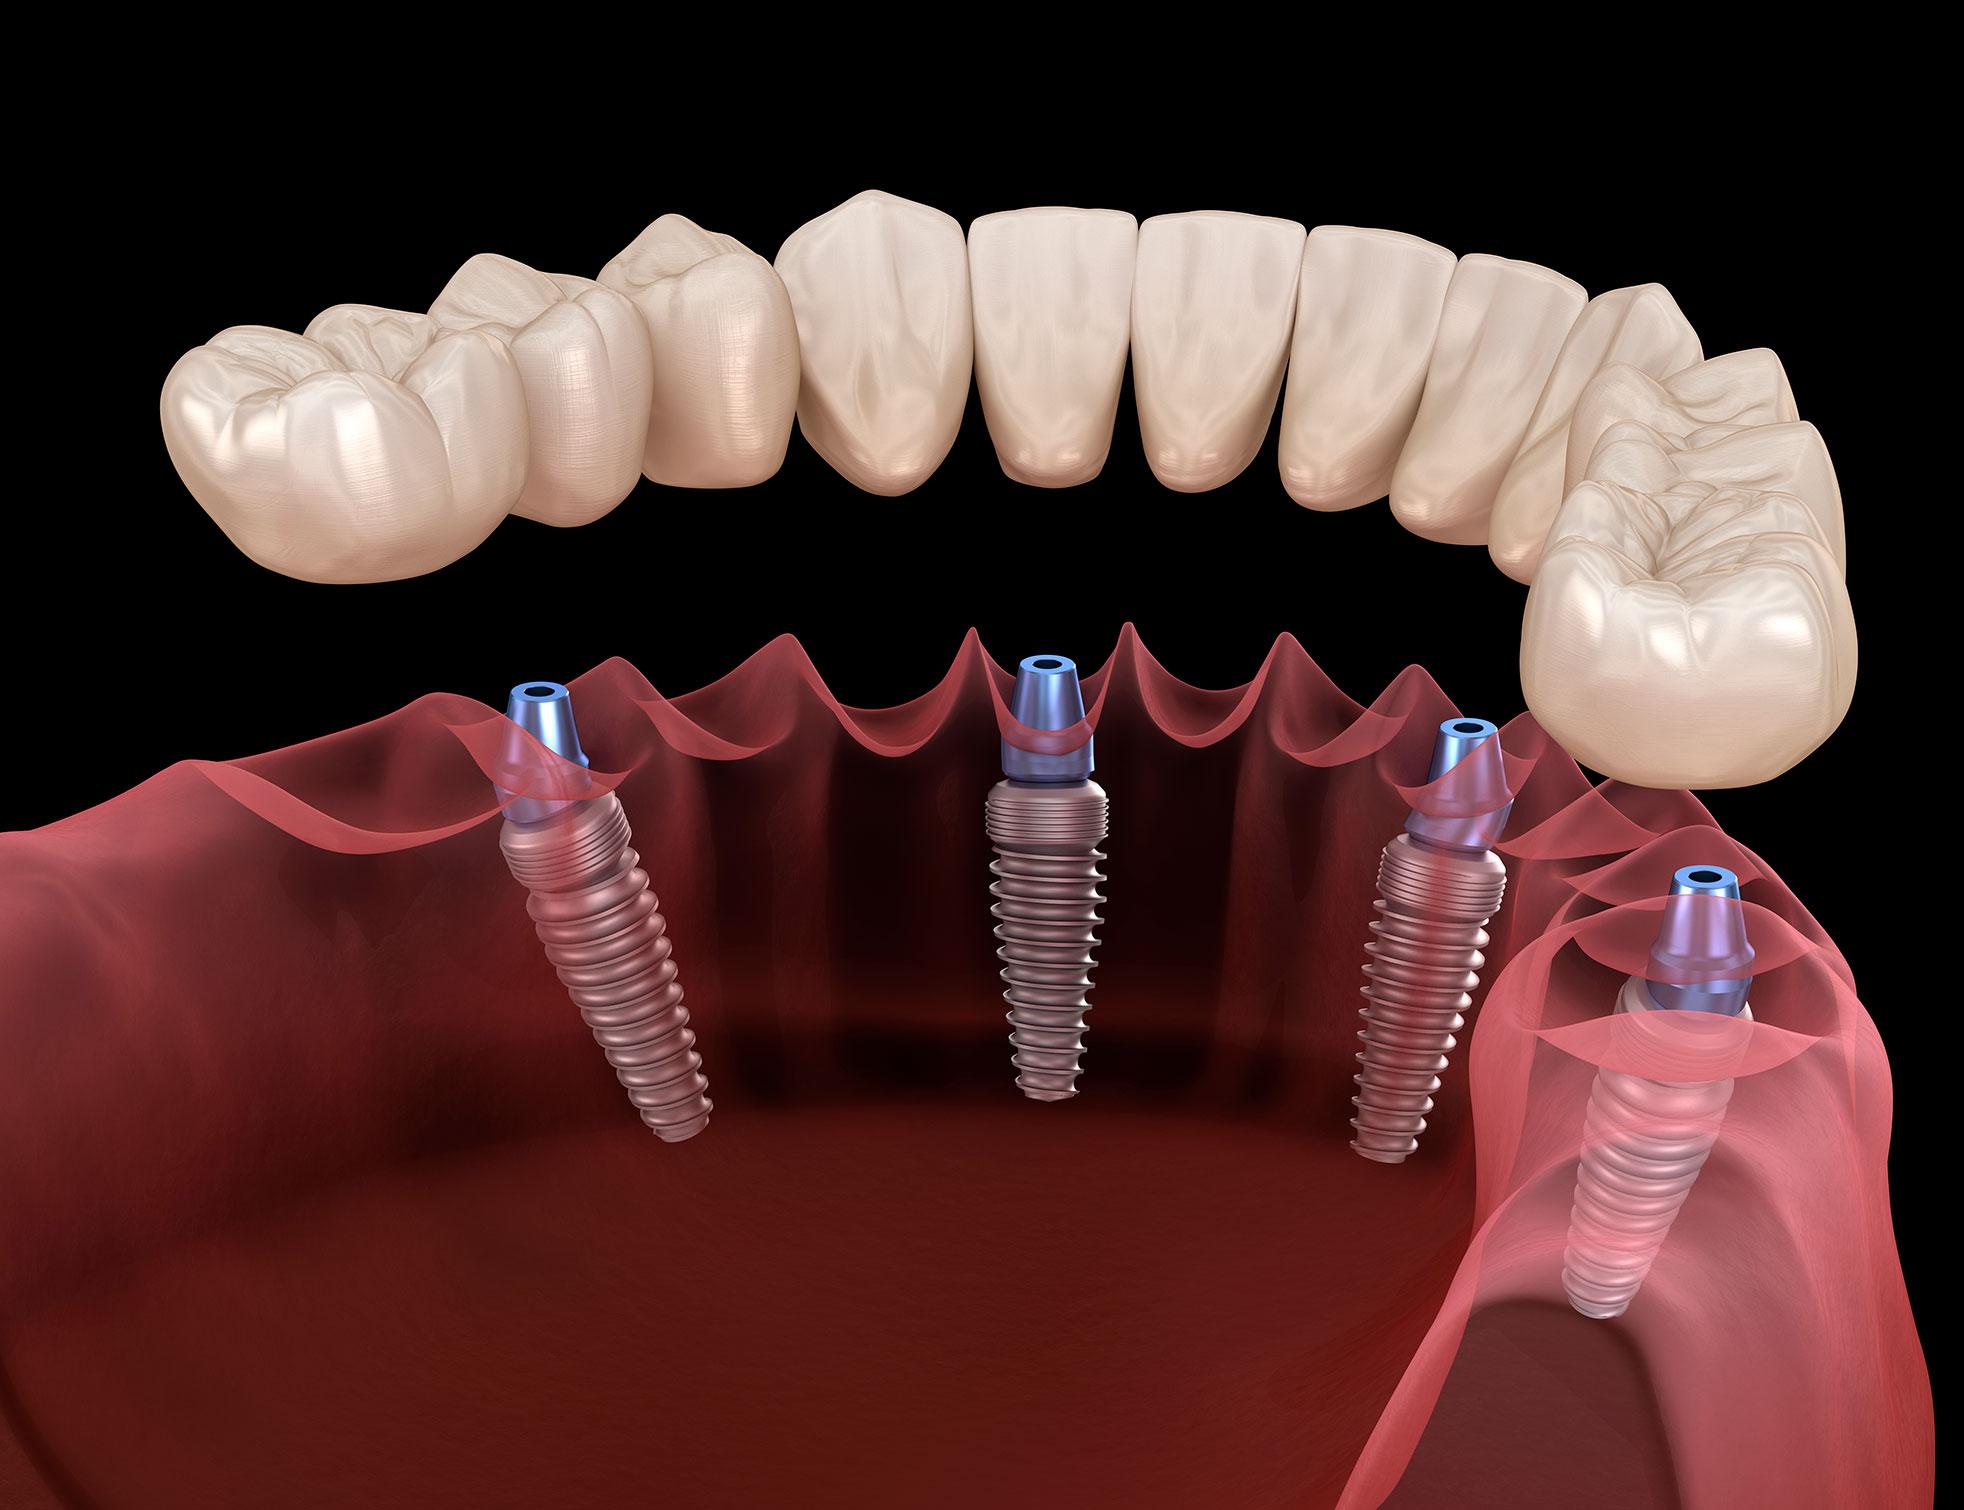 https://dentalstudioturkey.com/wp-content/uploads/2021/02/Same-Day-Implants-2.jpg